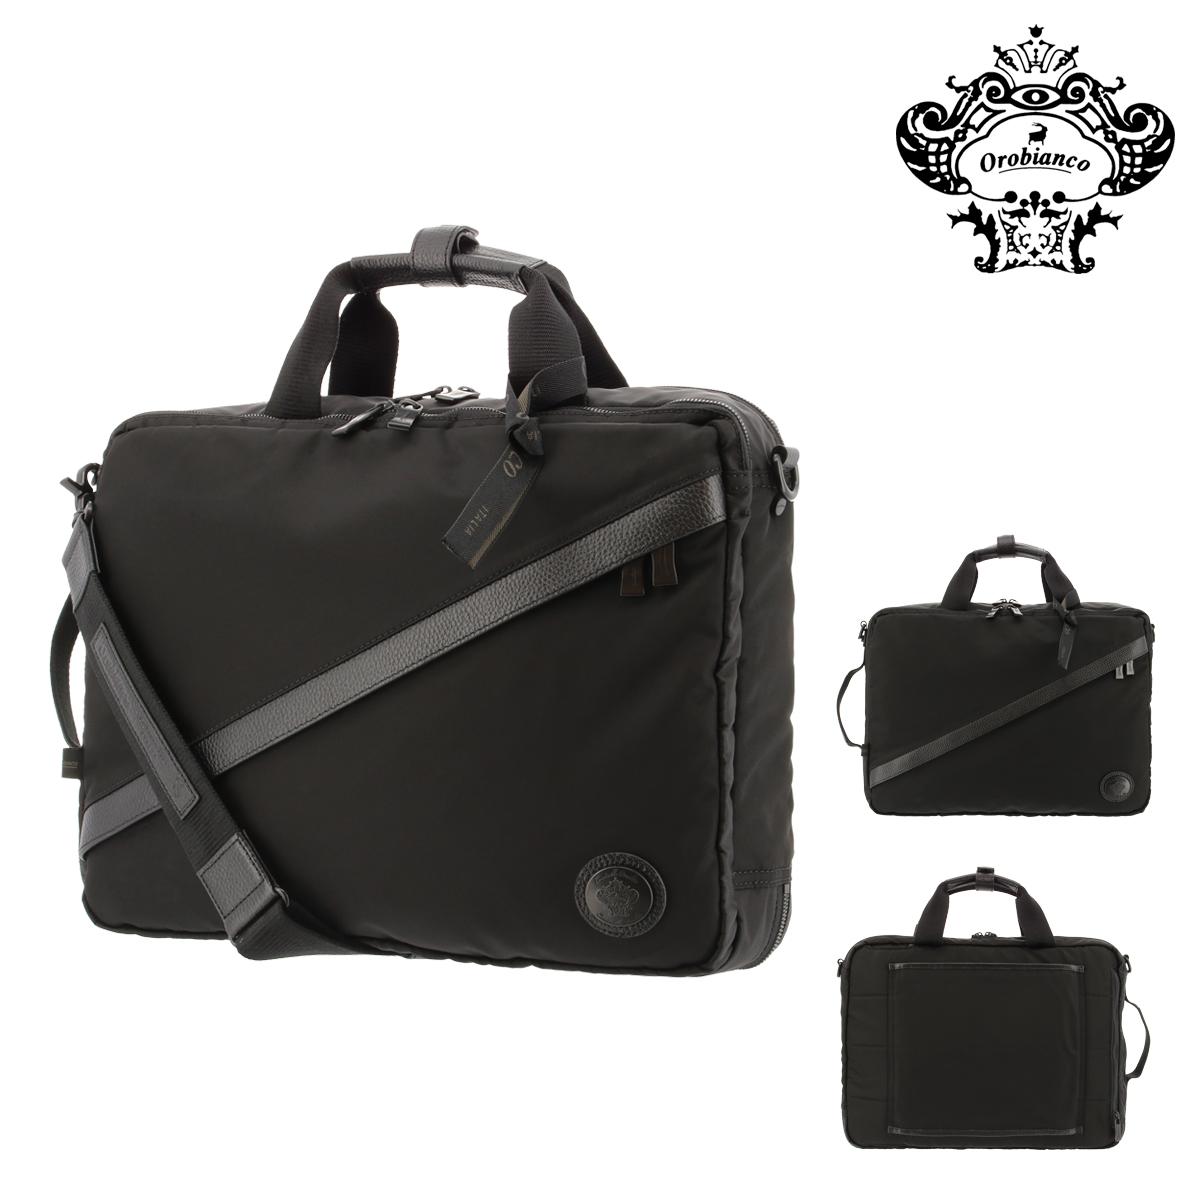 オロビアンコ ビジネスバッグ 3WAY BLACK-LINE メンズ 601301 INDENNE-Z8 02-TT Orobianco | ブリーフケース ショルダーバッグ リュック キャリーセットアップ [PO10]